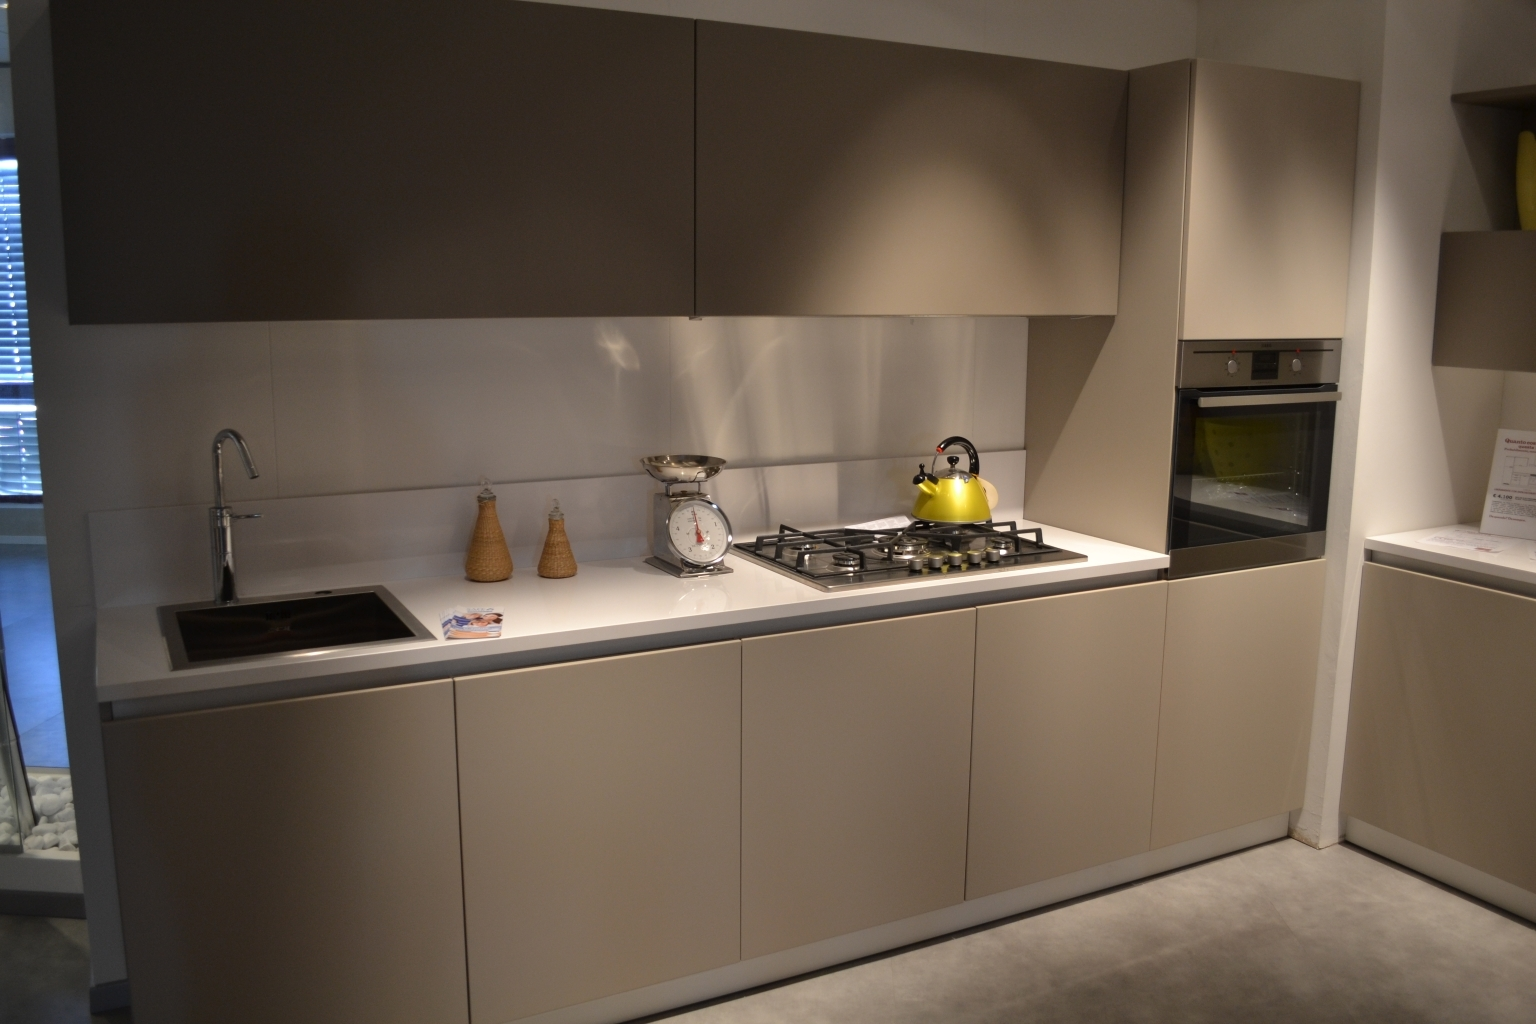 Al Soggiorno E Al Resto Della Casa Soluzioni Funzionali Ispirate Alla #305A9B 1536 1024 Cambiare Colore Al Top Della Cucina